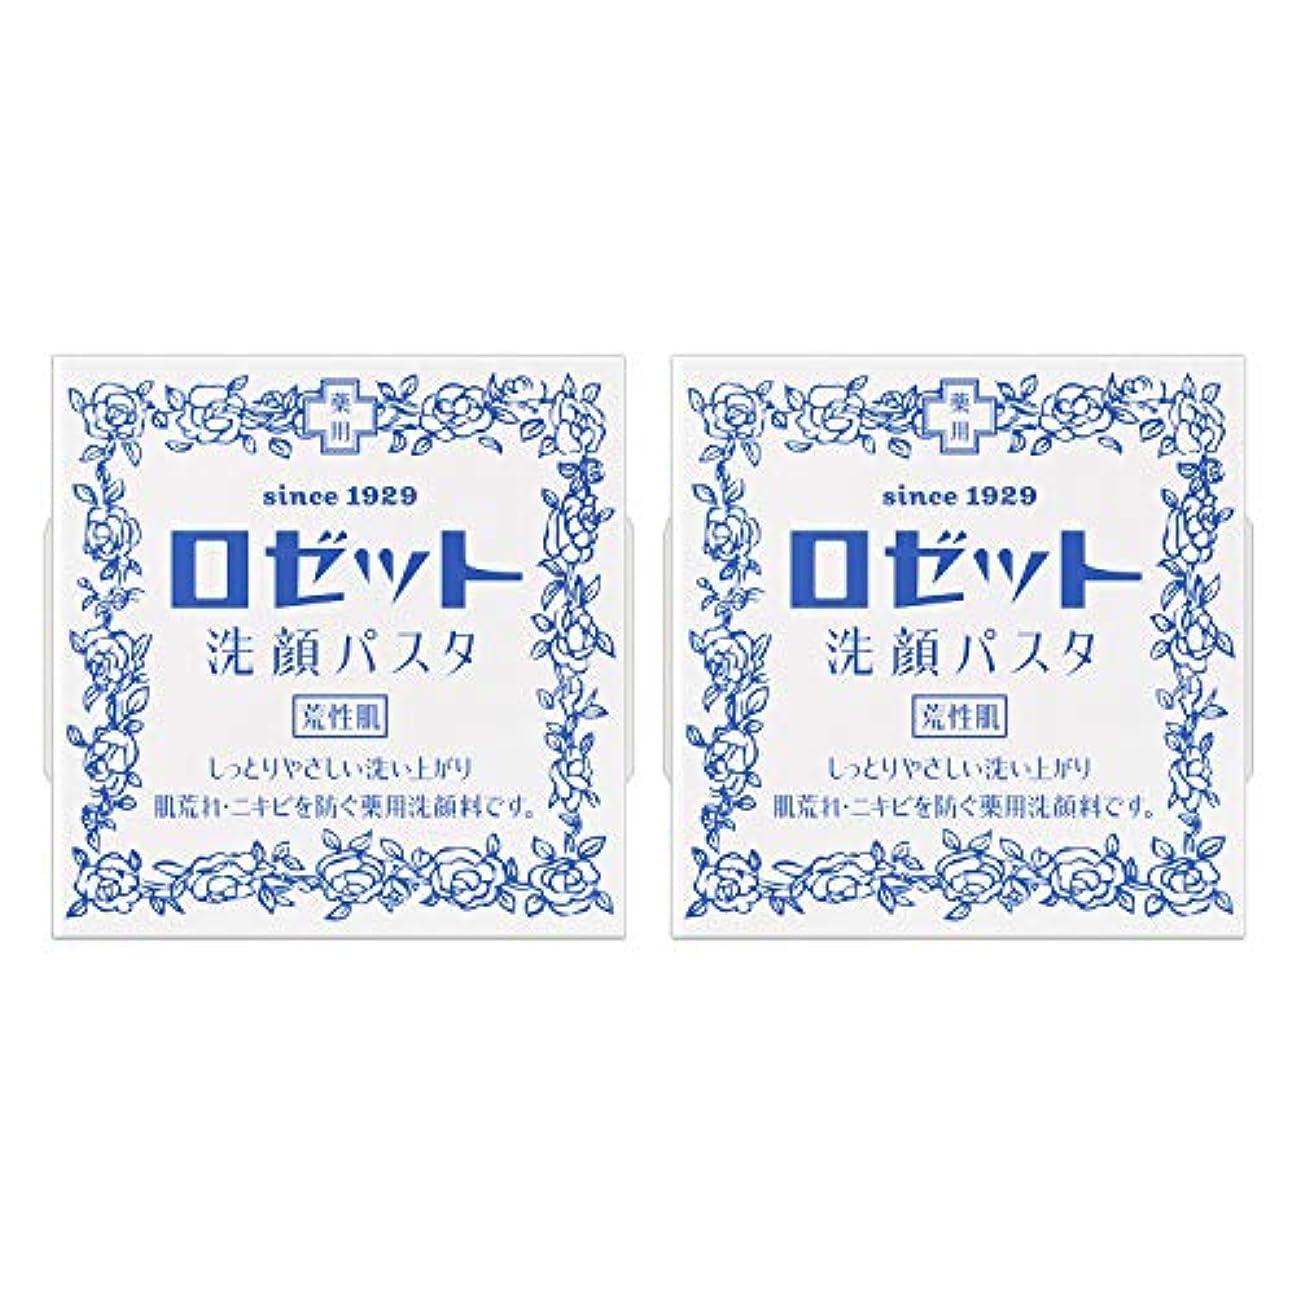 優勢液化する文房具ロゼット洗顔パスタ 荒性肌 90g×2個パック (医薬部外品)